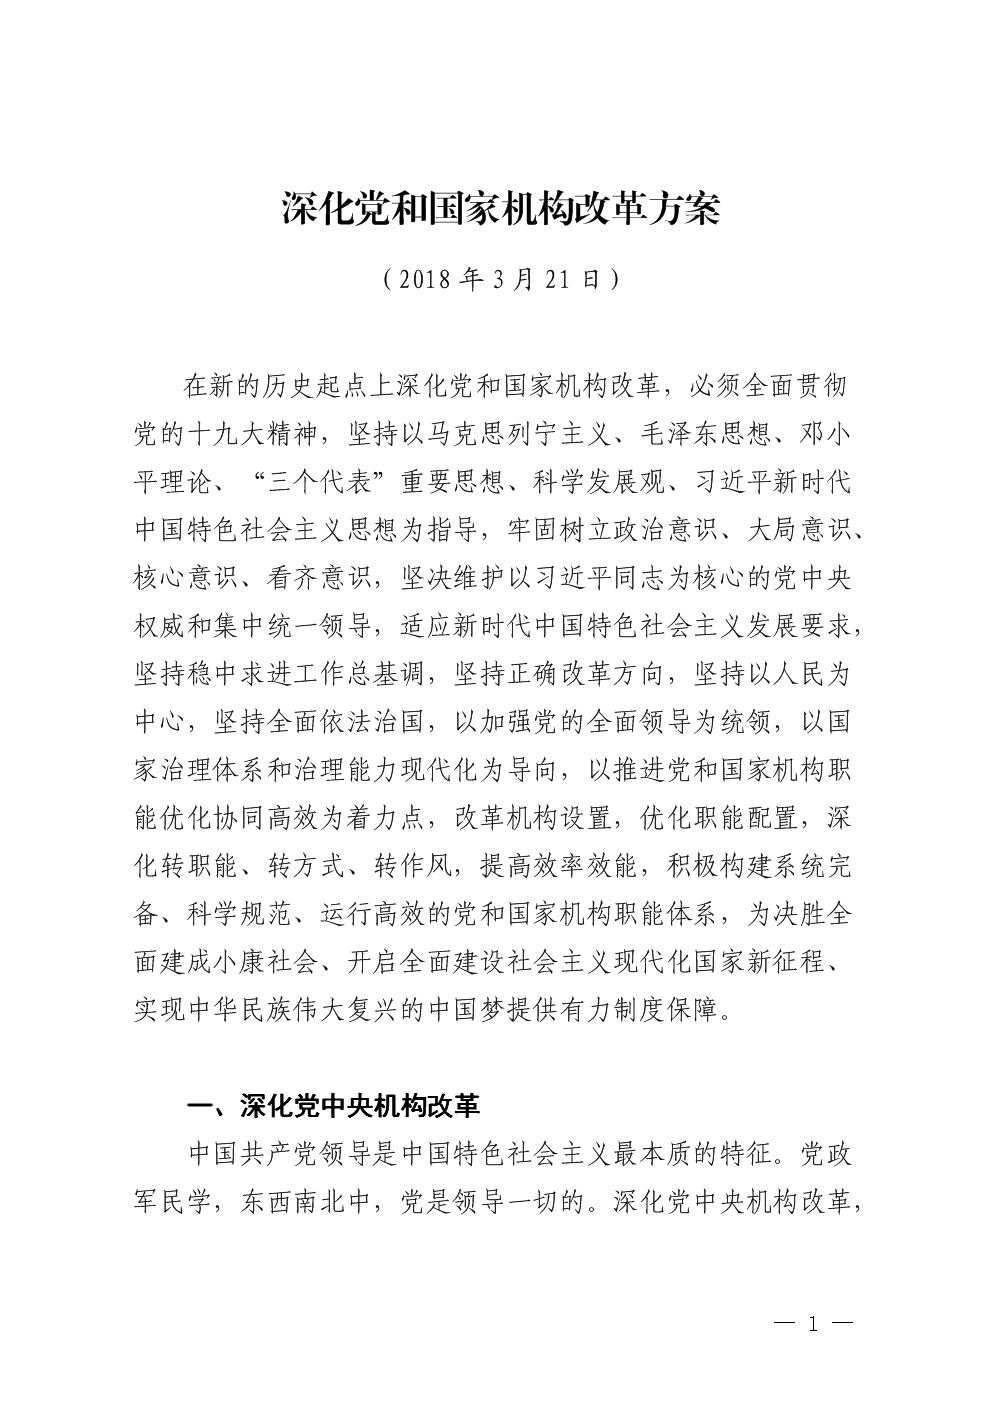 2019年深化党和国家机构改革方案.doc